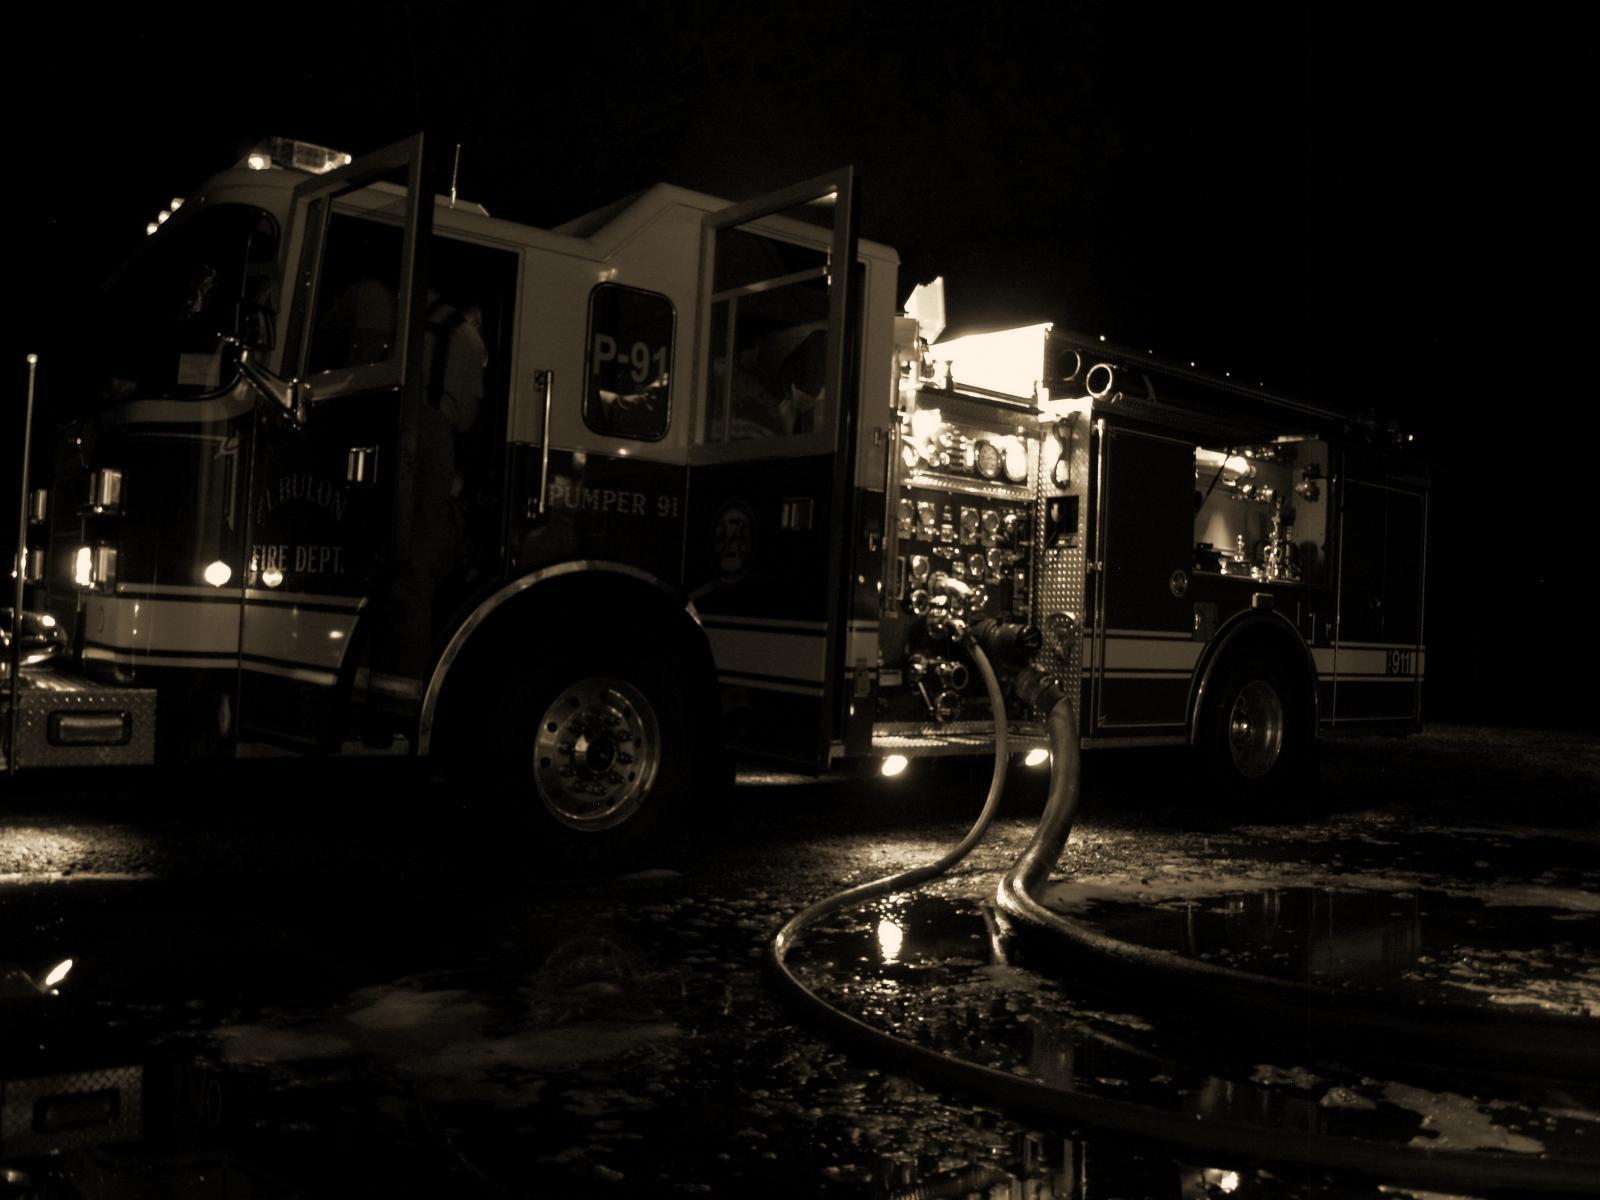 Pumper 91 Night-time